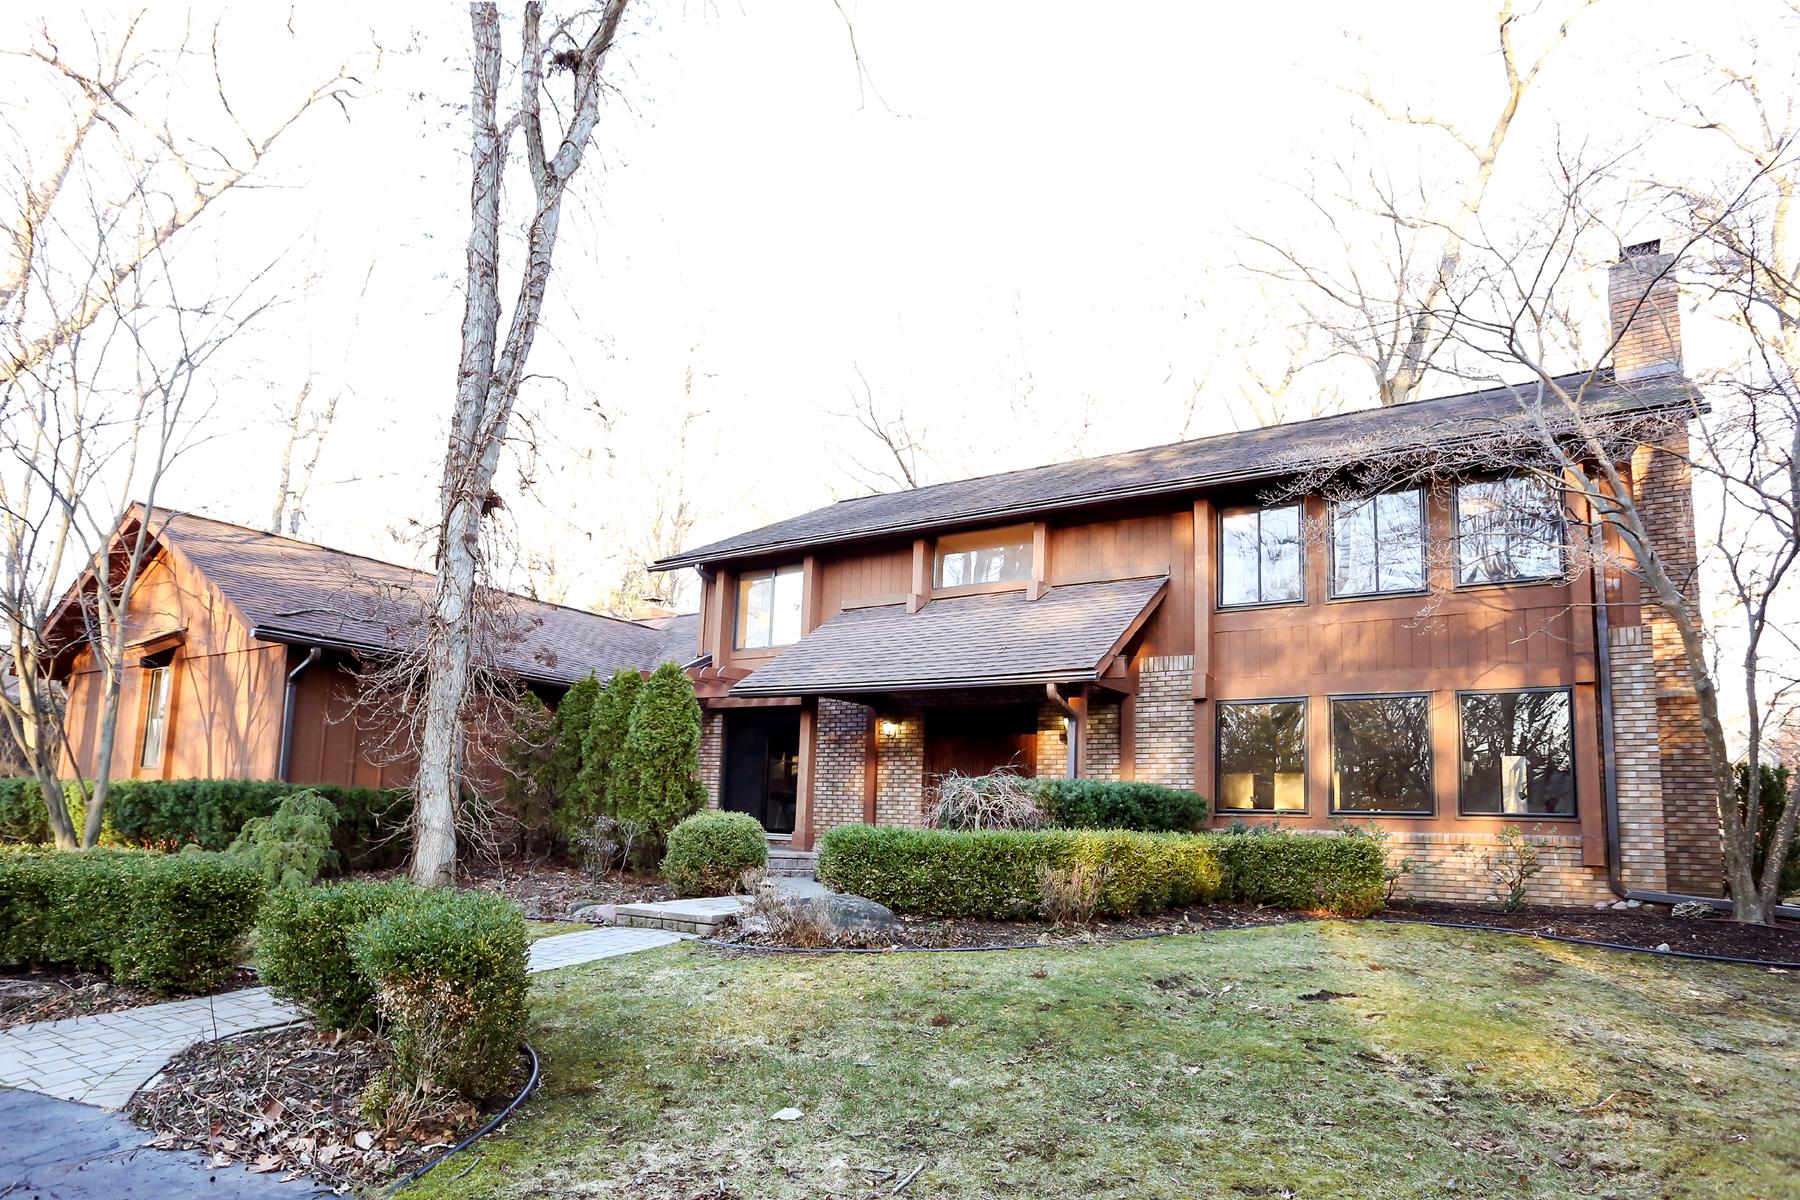 独户住宅 为 销售 在 Bloomfield 4555 Stoneleigh Road 布洛姆费尔德, 密歇根州, 48302 美国